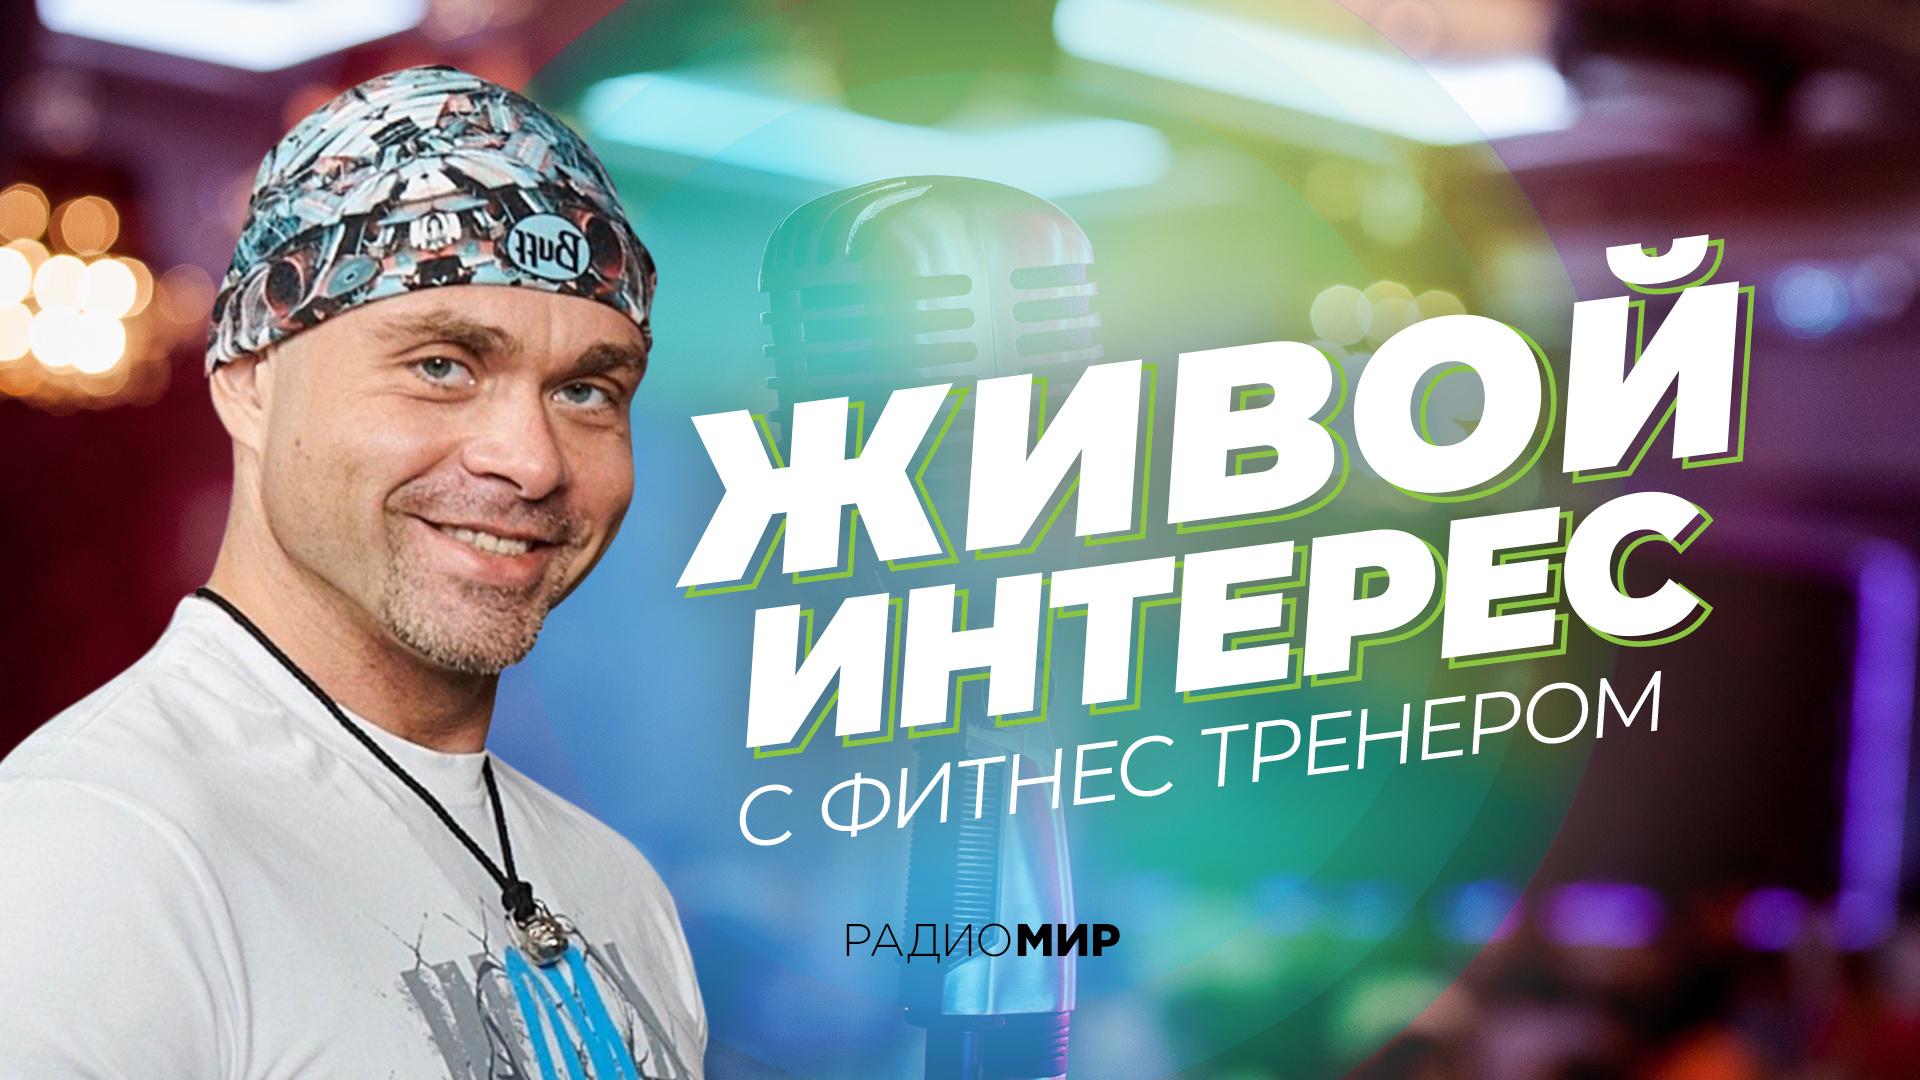 «Живой интерес» с фитнес-тренером Андреем Семешовым